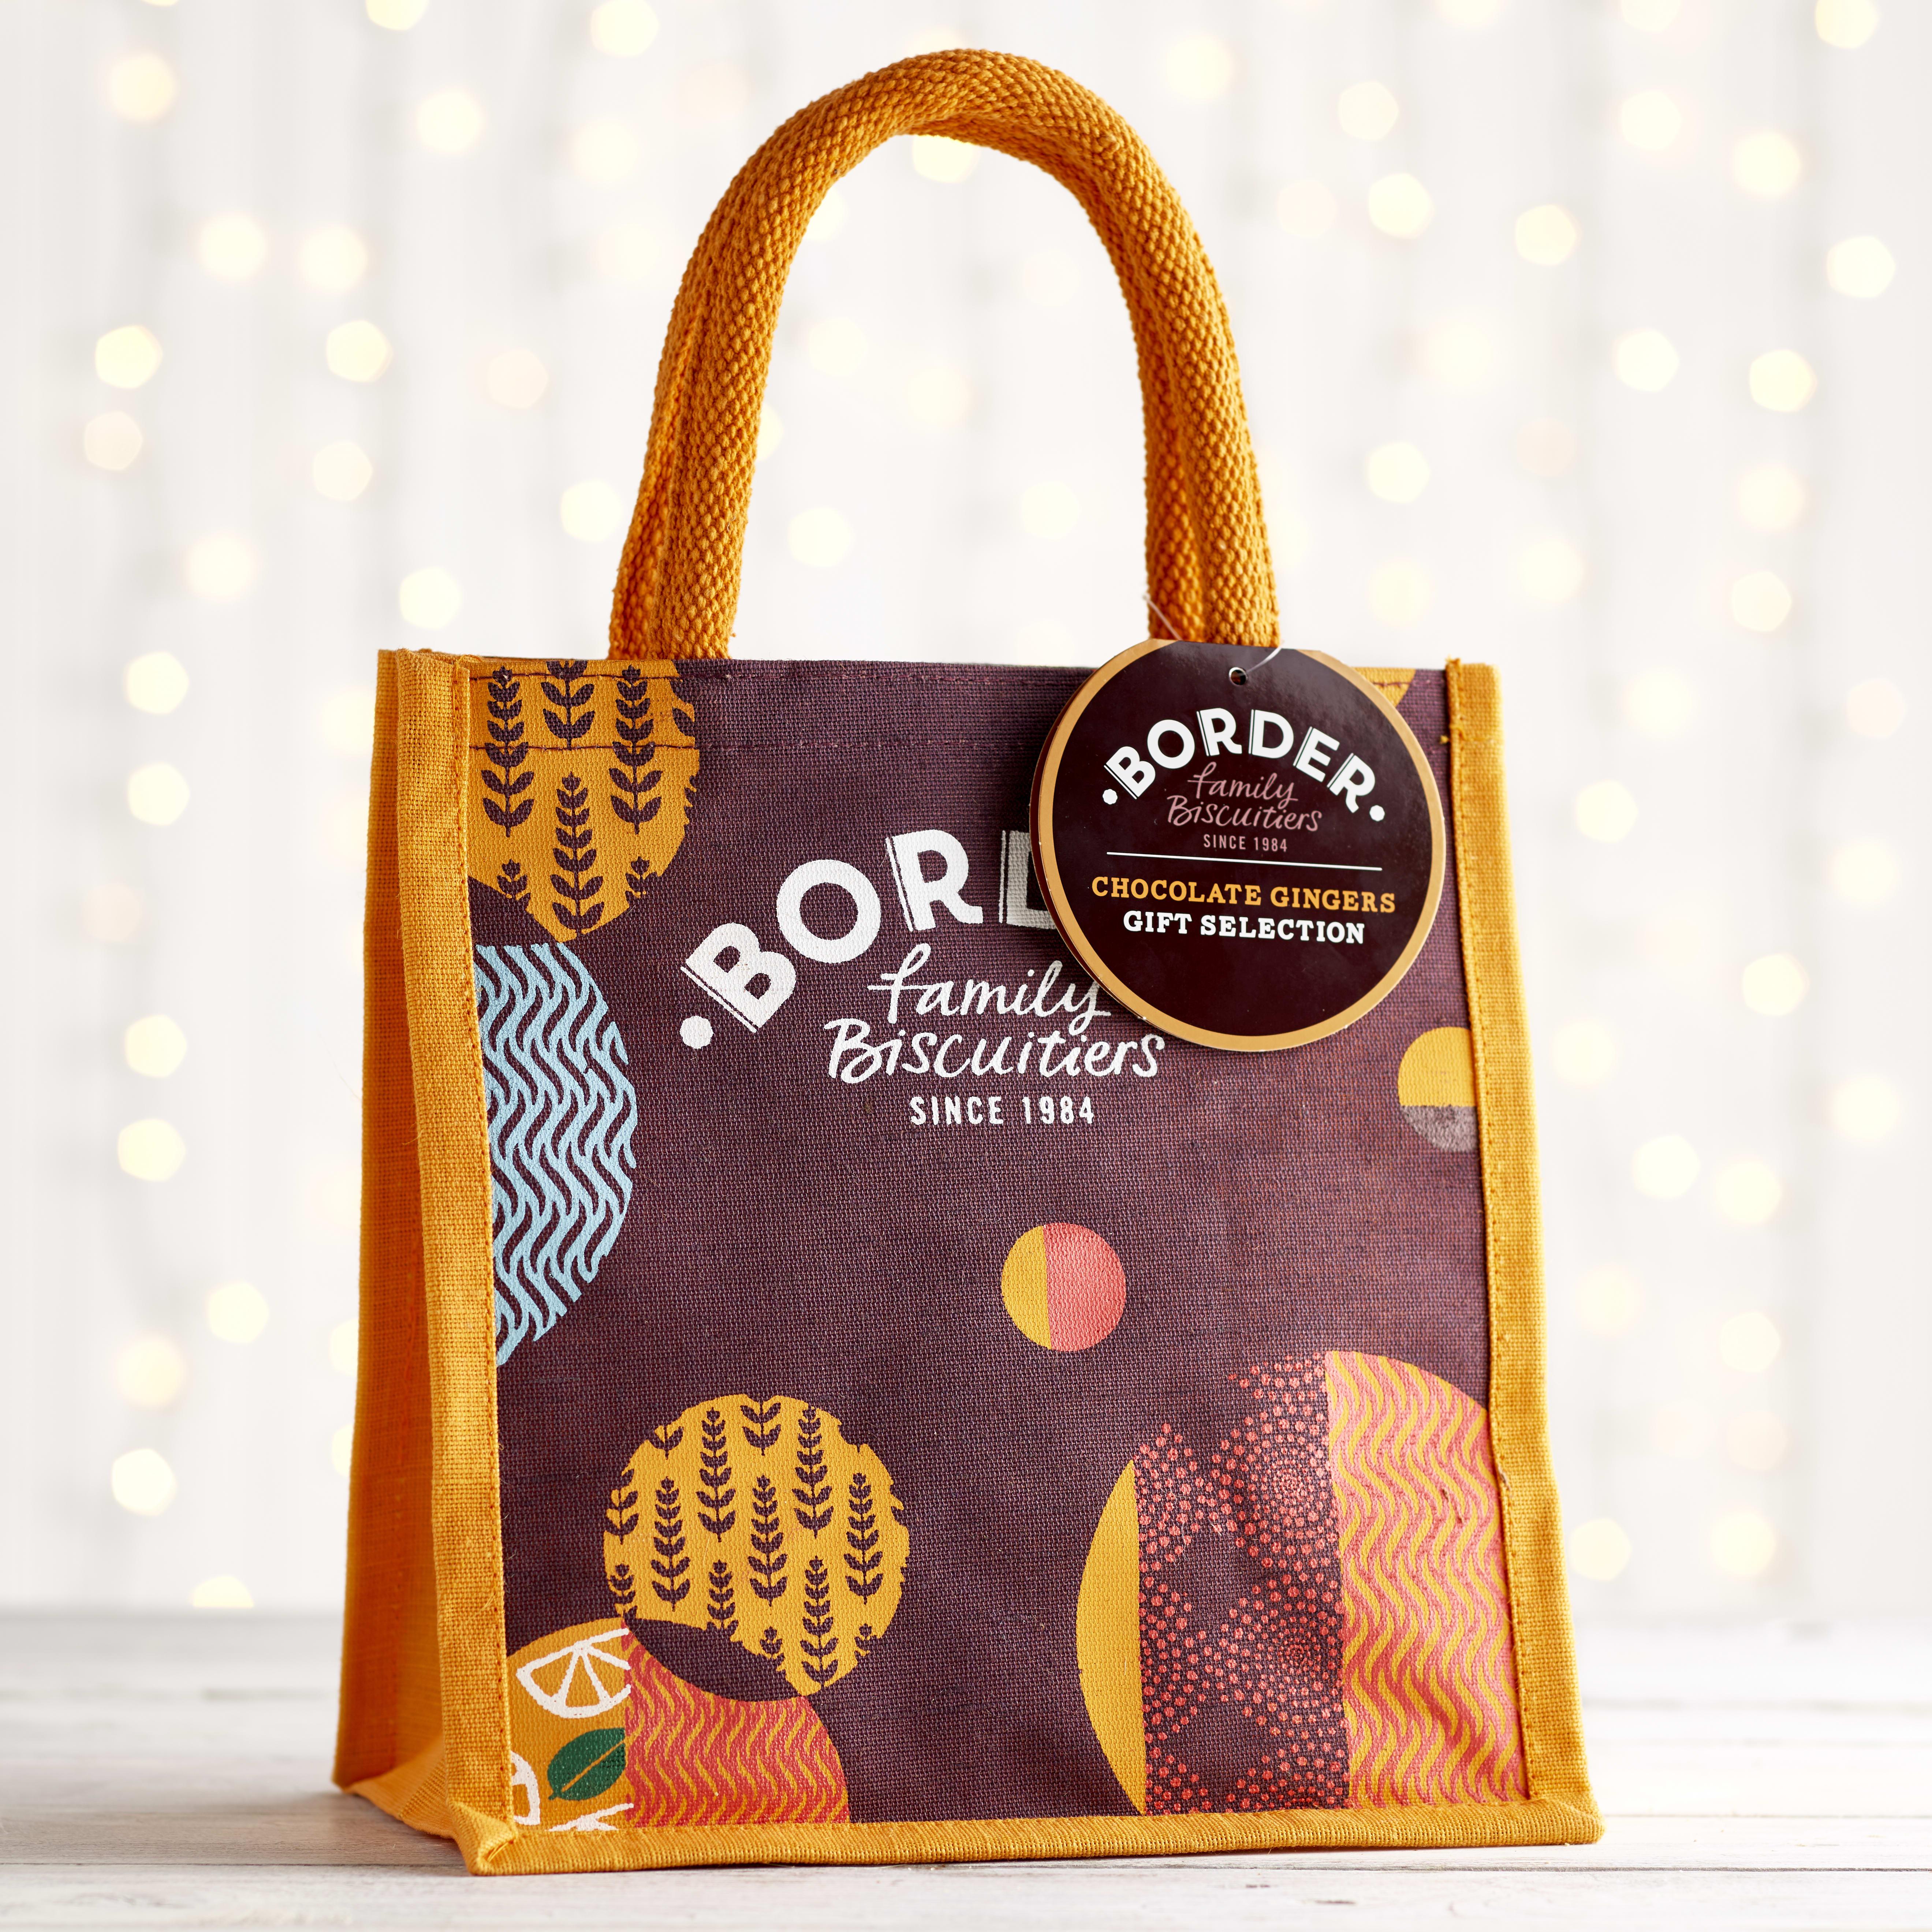 Borders Chocolate Ginger Jute Bag, 175g